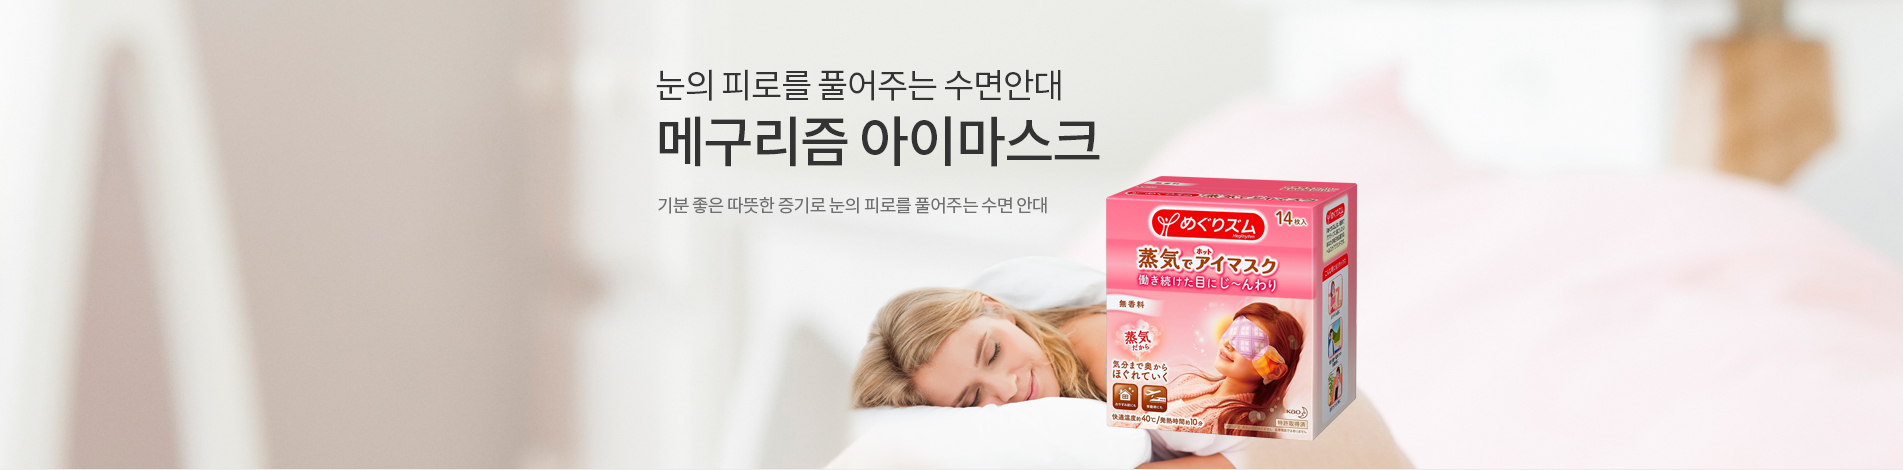 눈의 피로를 풀어주는 수면안대 메구리즘 아이마스크